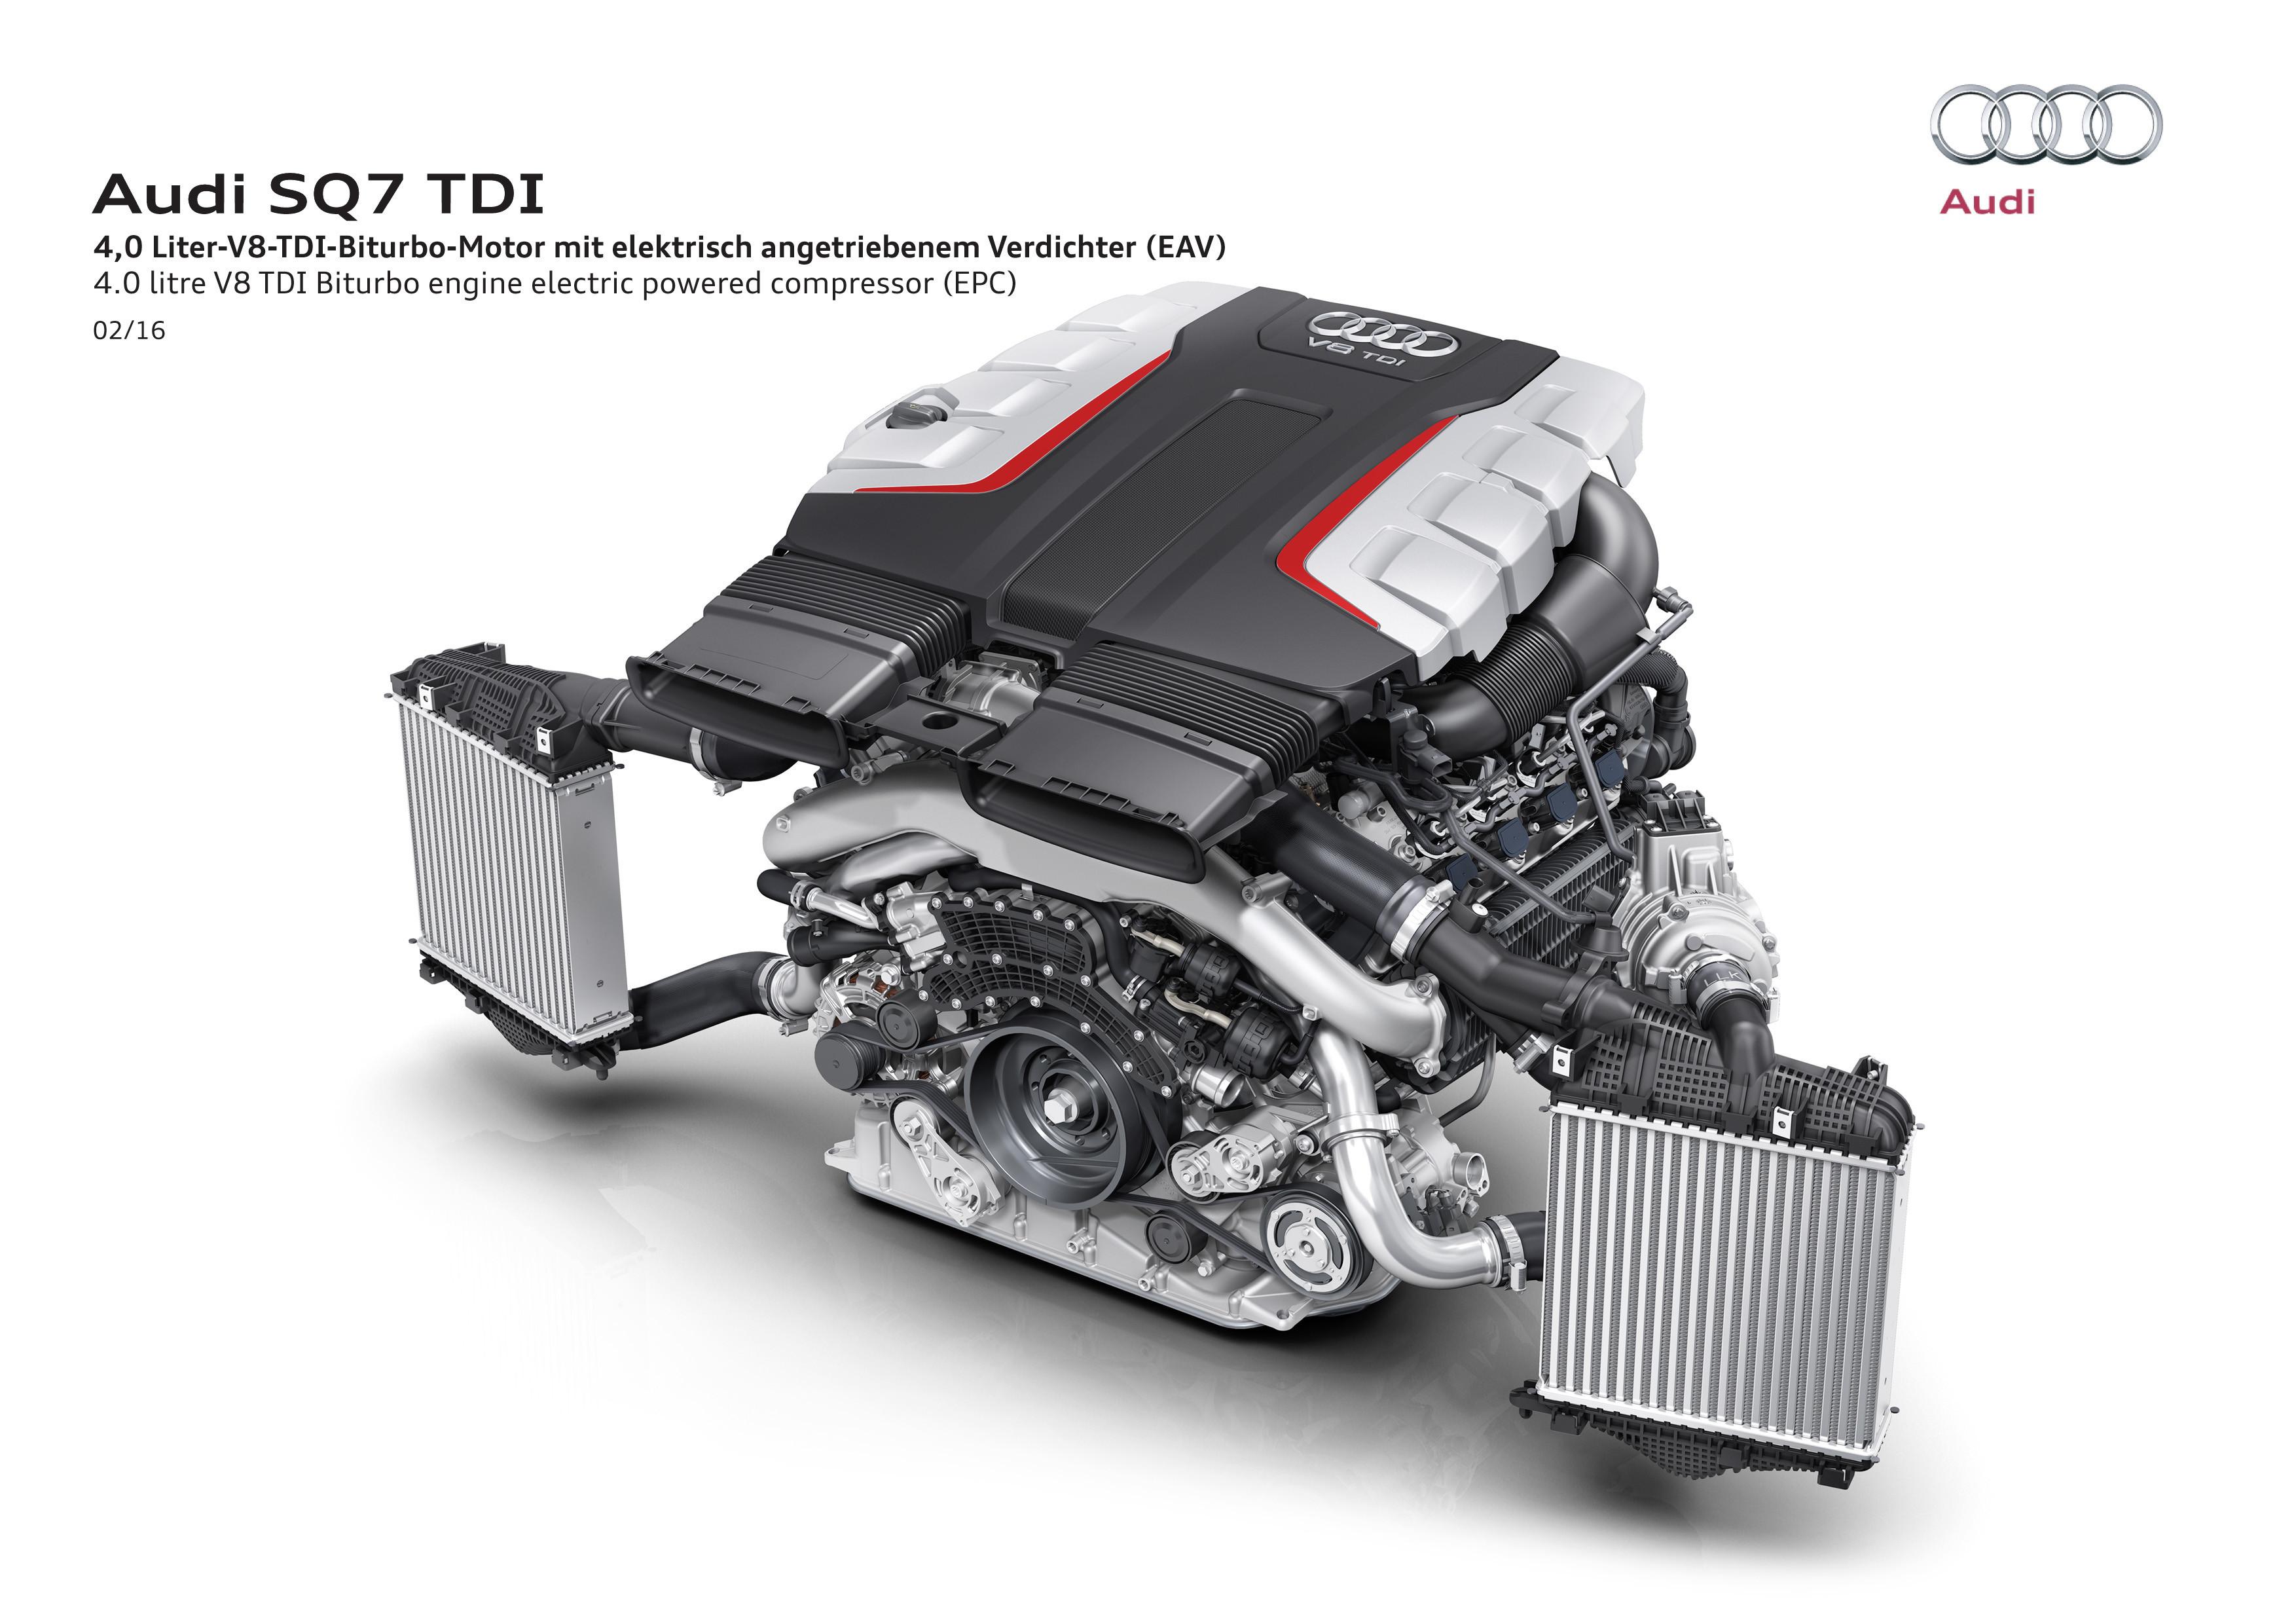 Audi SQ7 TDI motor